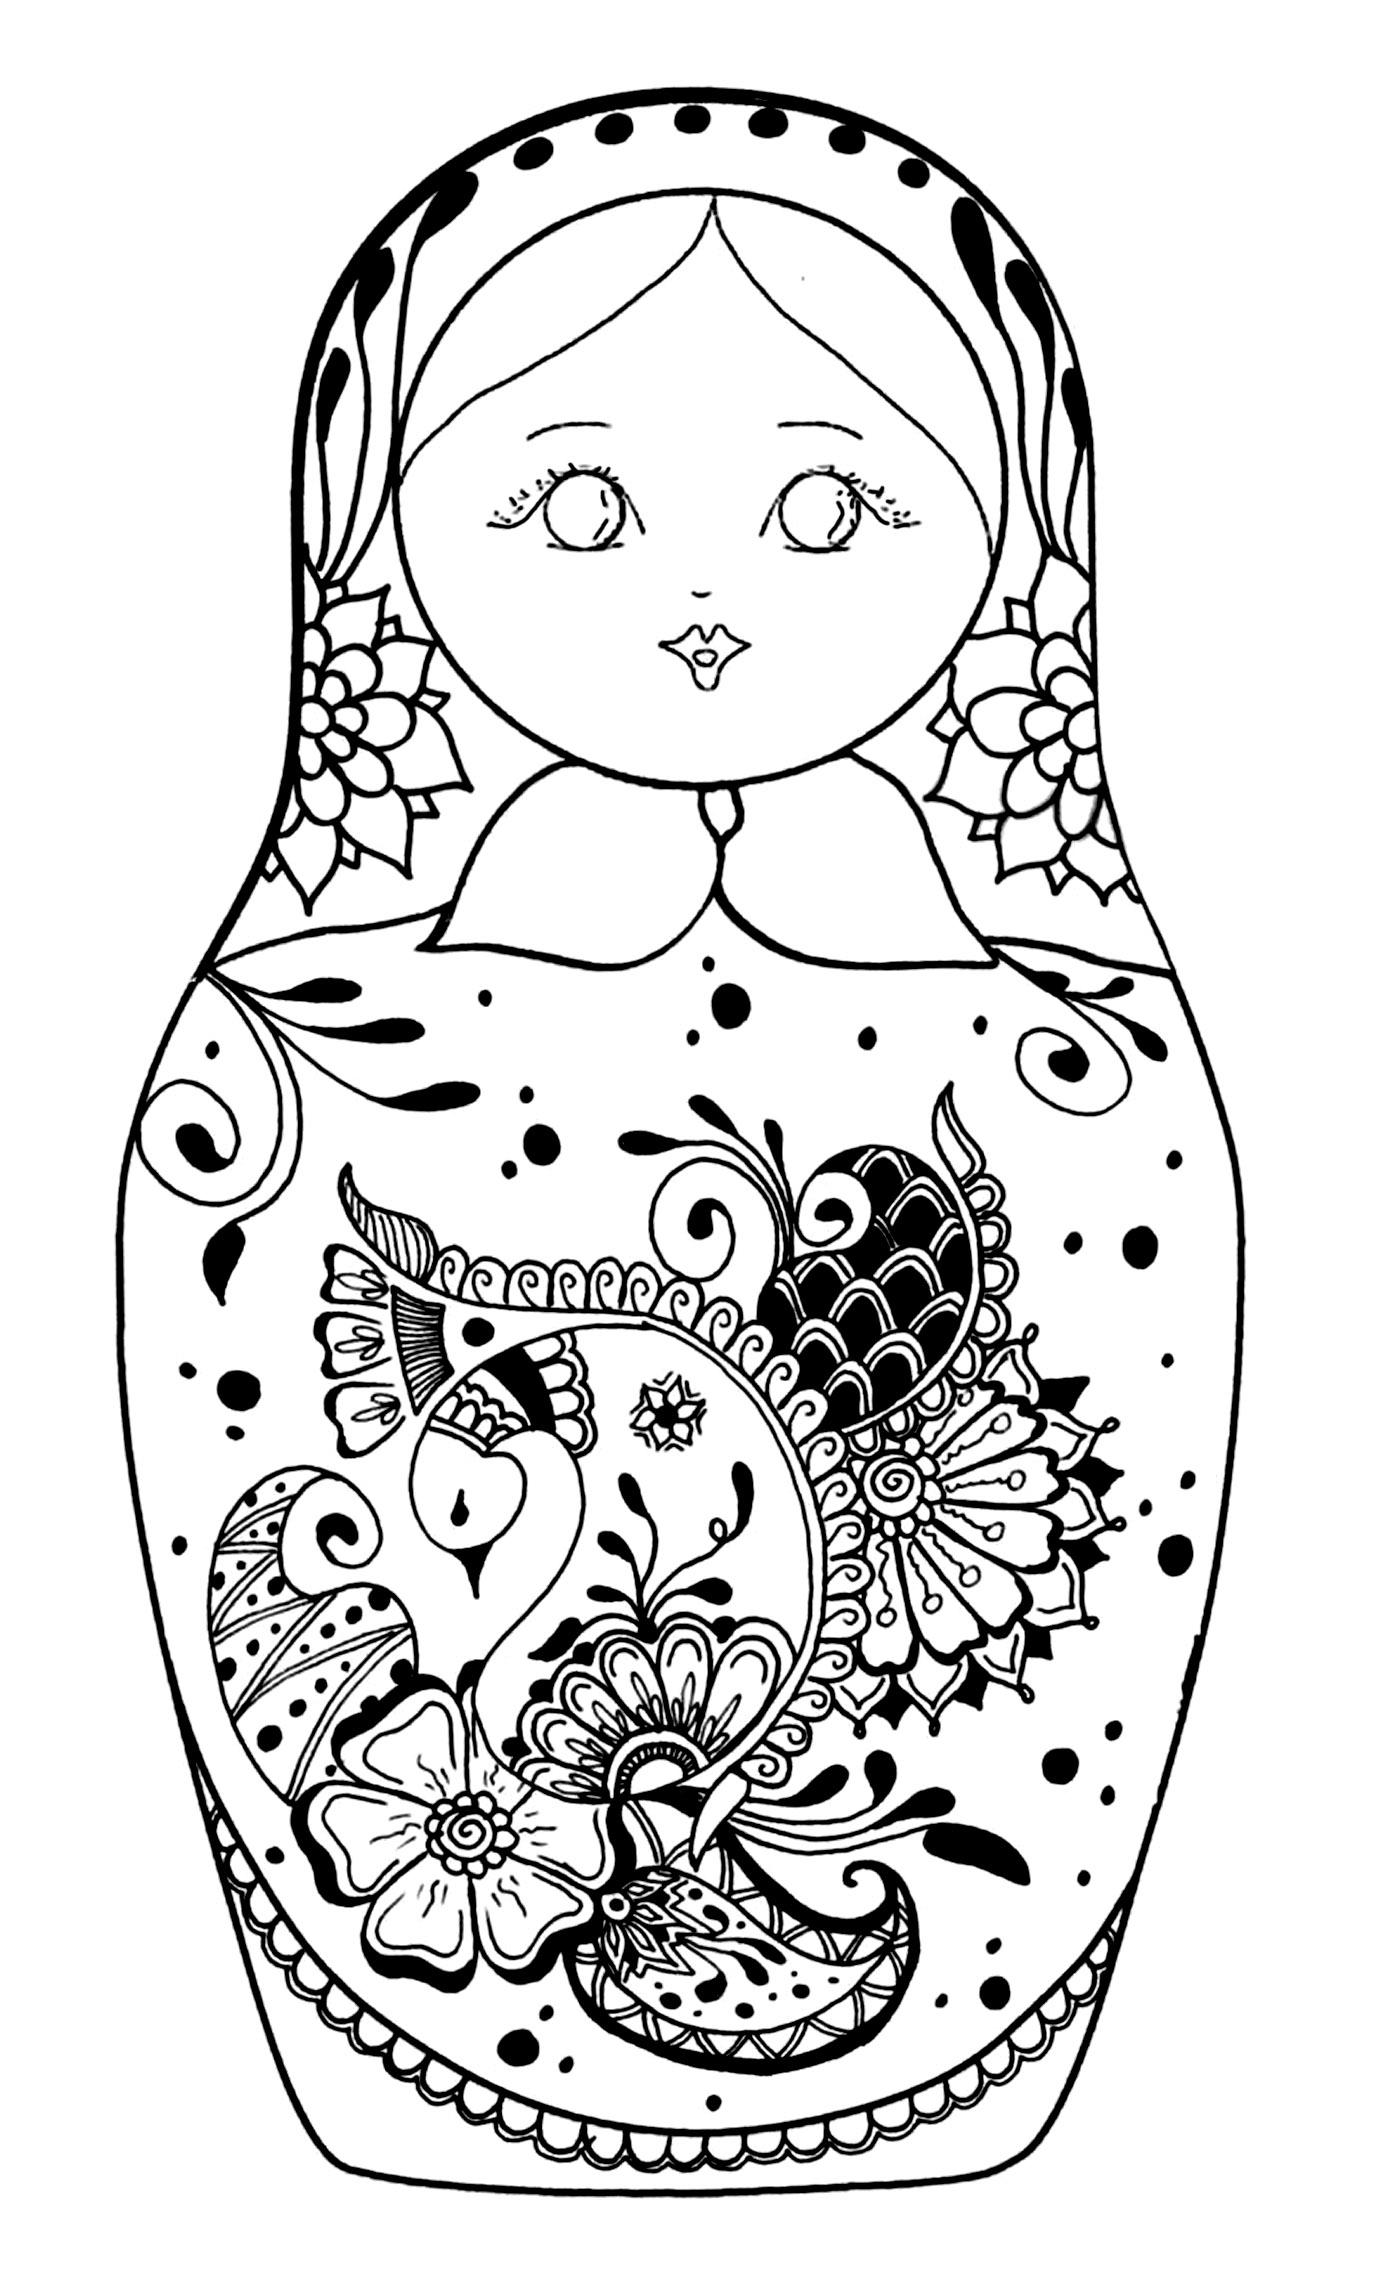 Coloriage Mandala Russe.Poupees Russes Coloriages Difficiles Pour Adultes